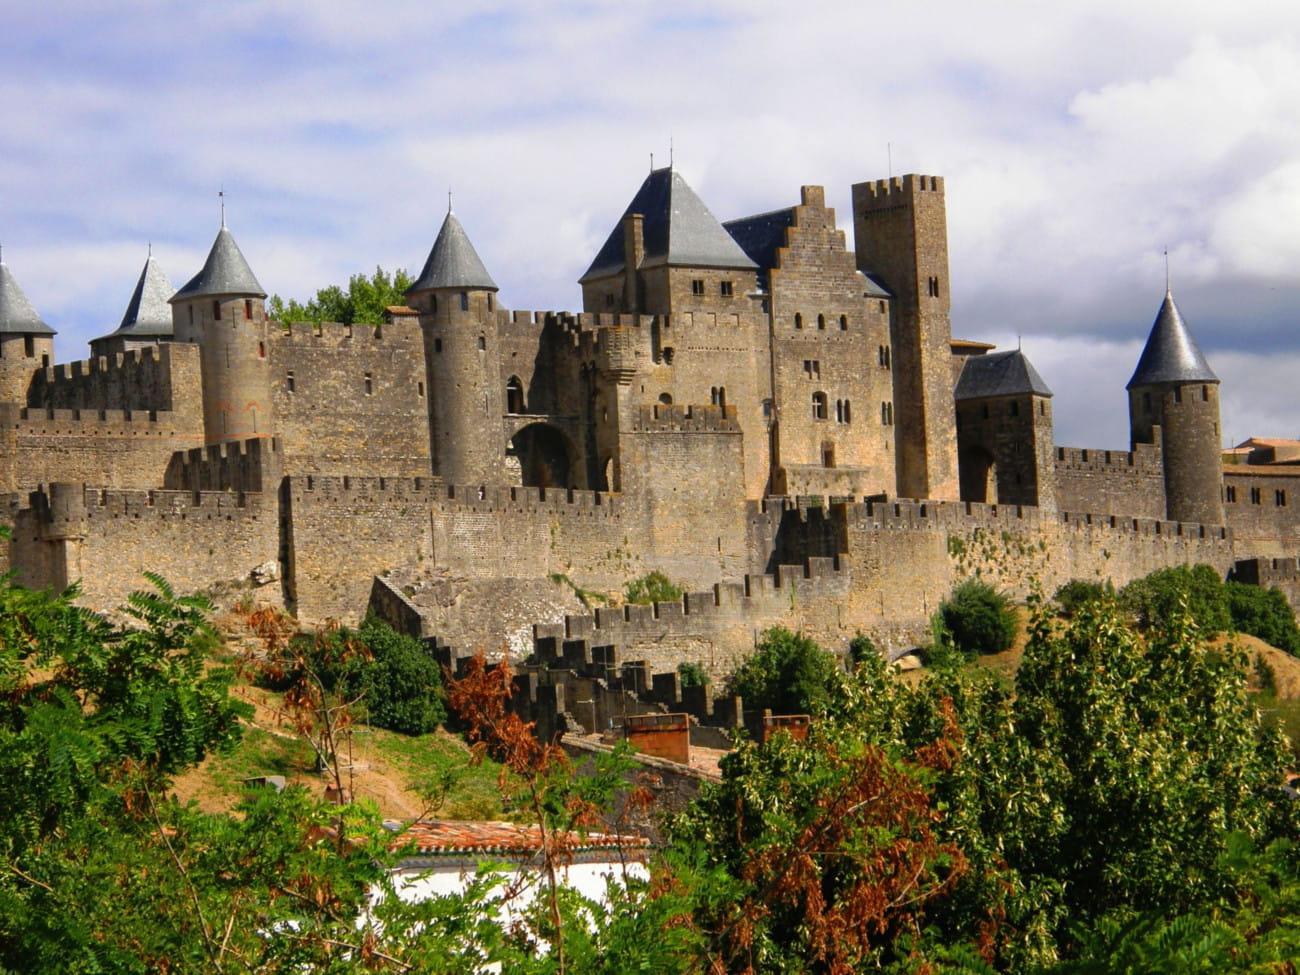 la cit de carcassonne ponts de mai 15 id es pour un long week end en famille linternaute. Black Bedroom Furniture Sets. Home Design Ideas